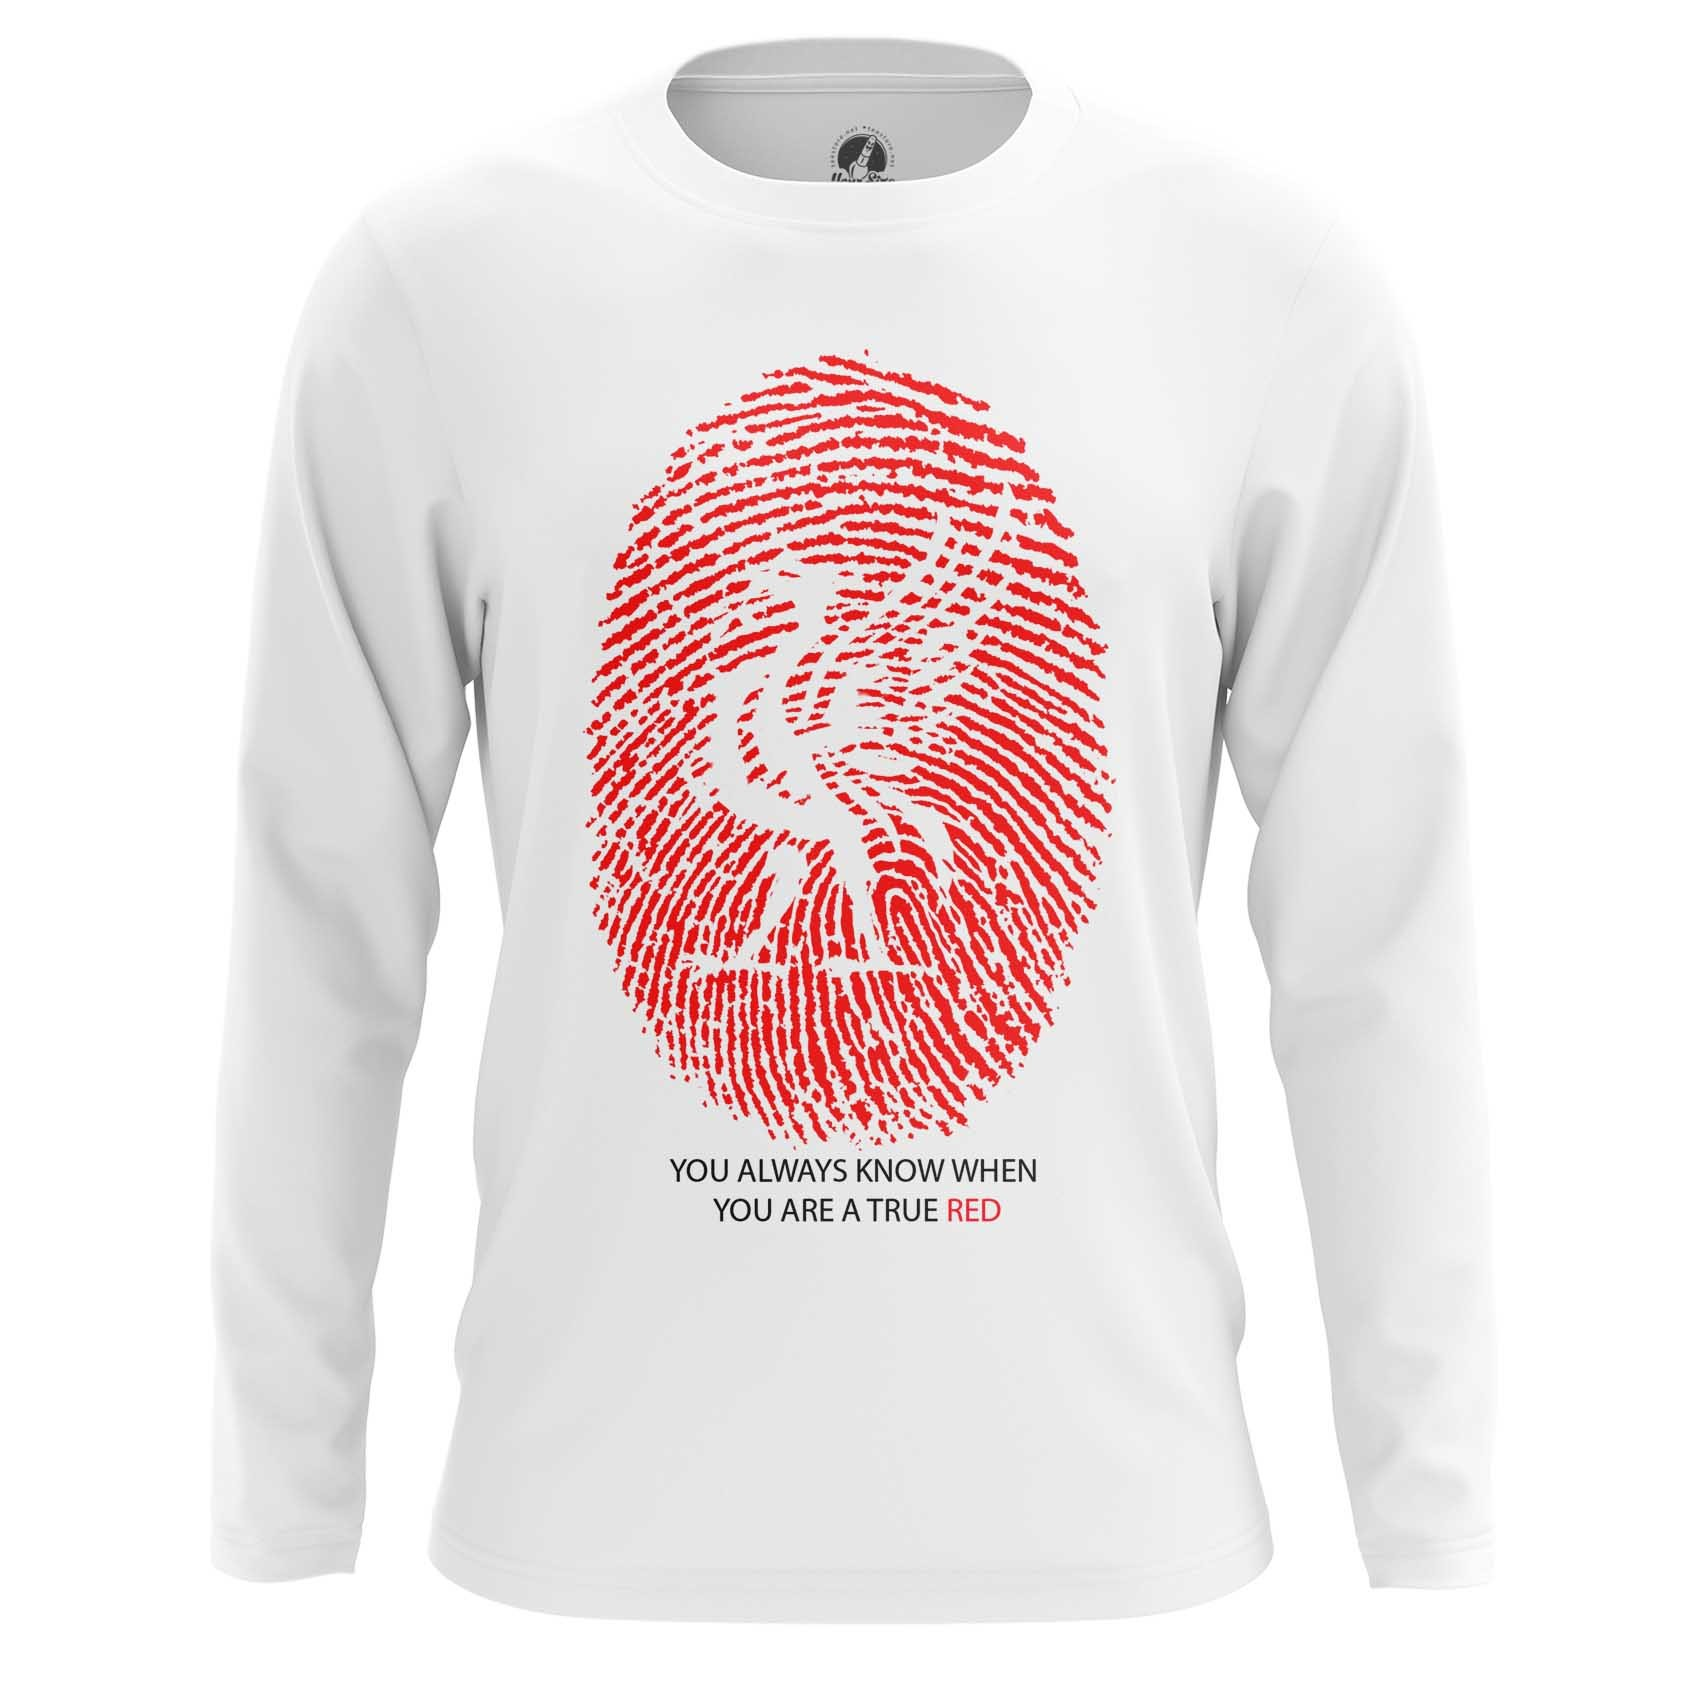 Merchandise Men'S T-Shirt Liverpool Fan Football Red